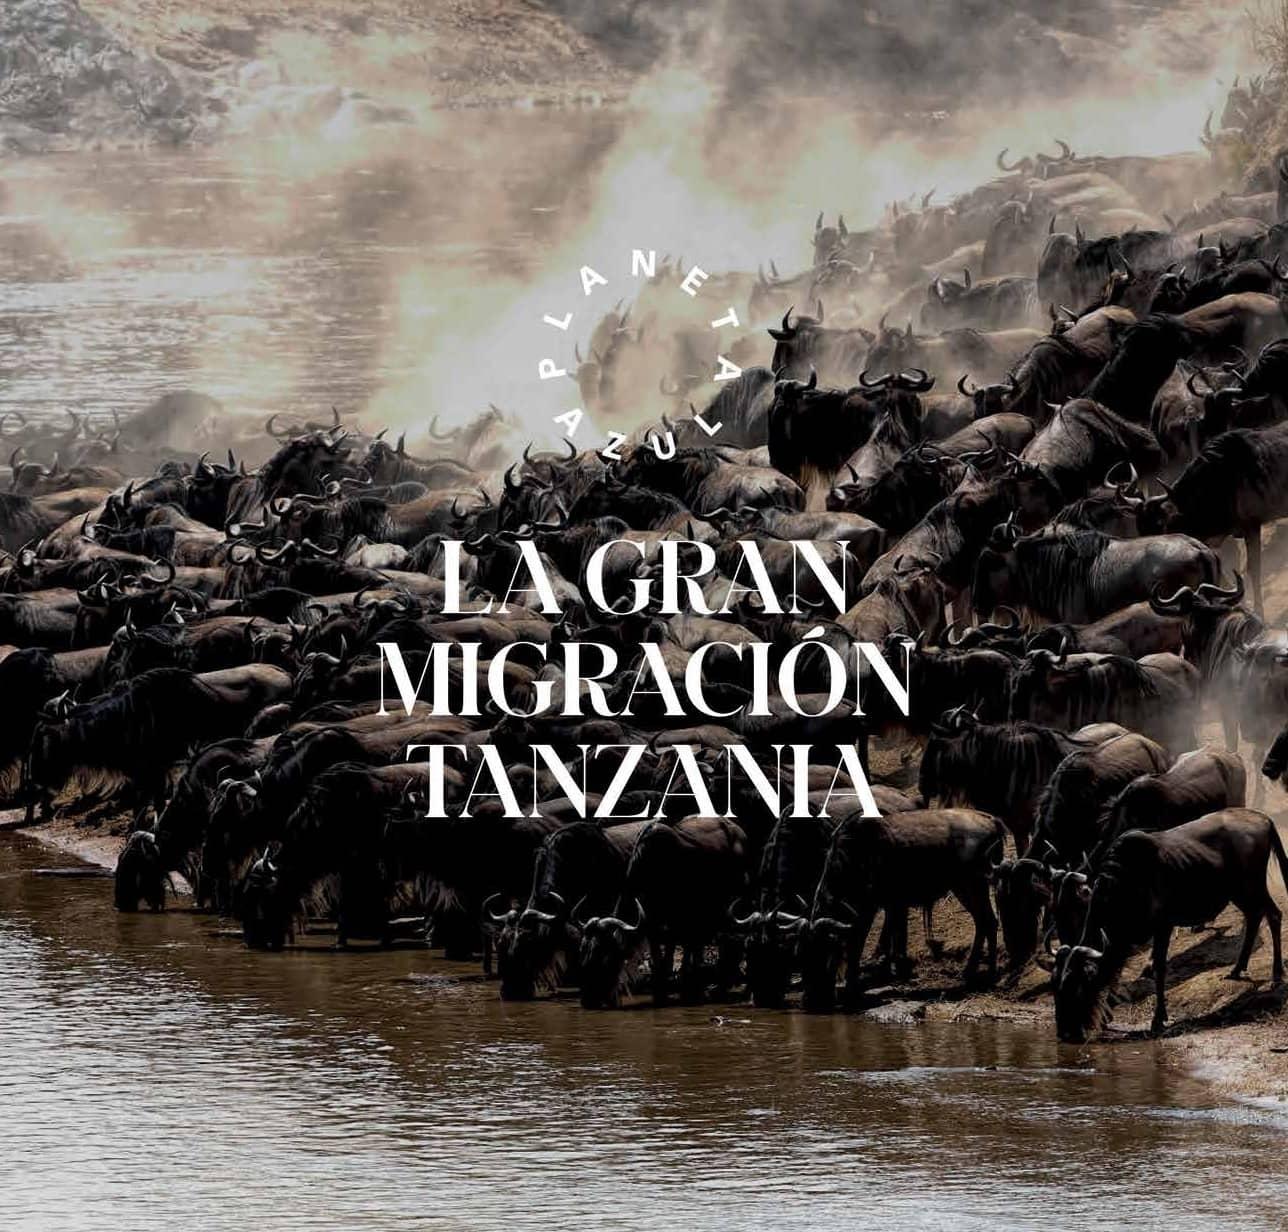 Lagran Migración Tanzania